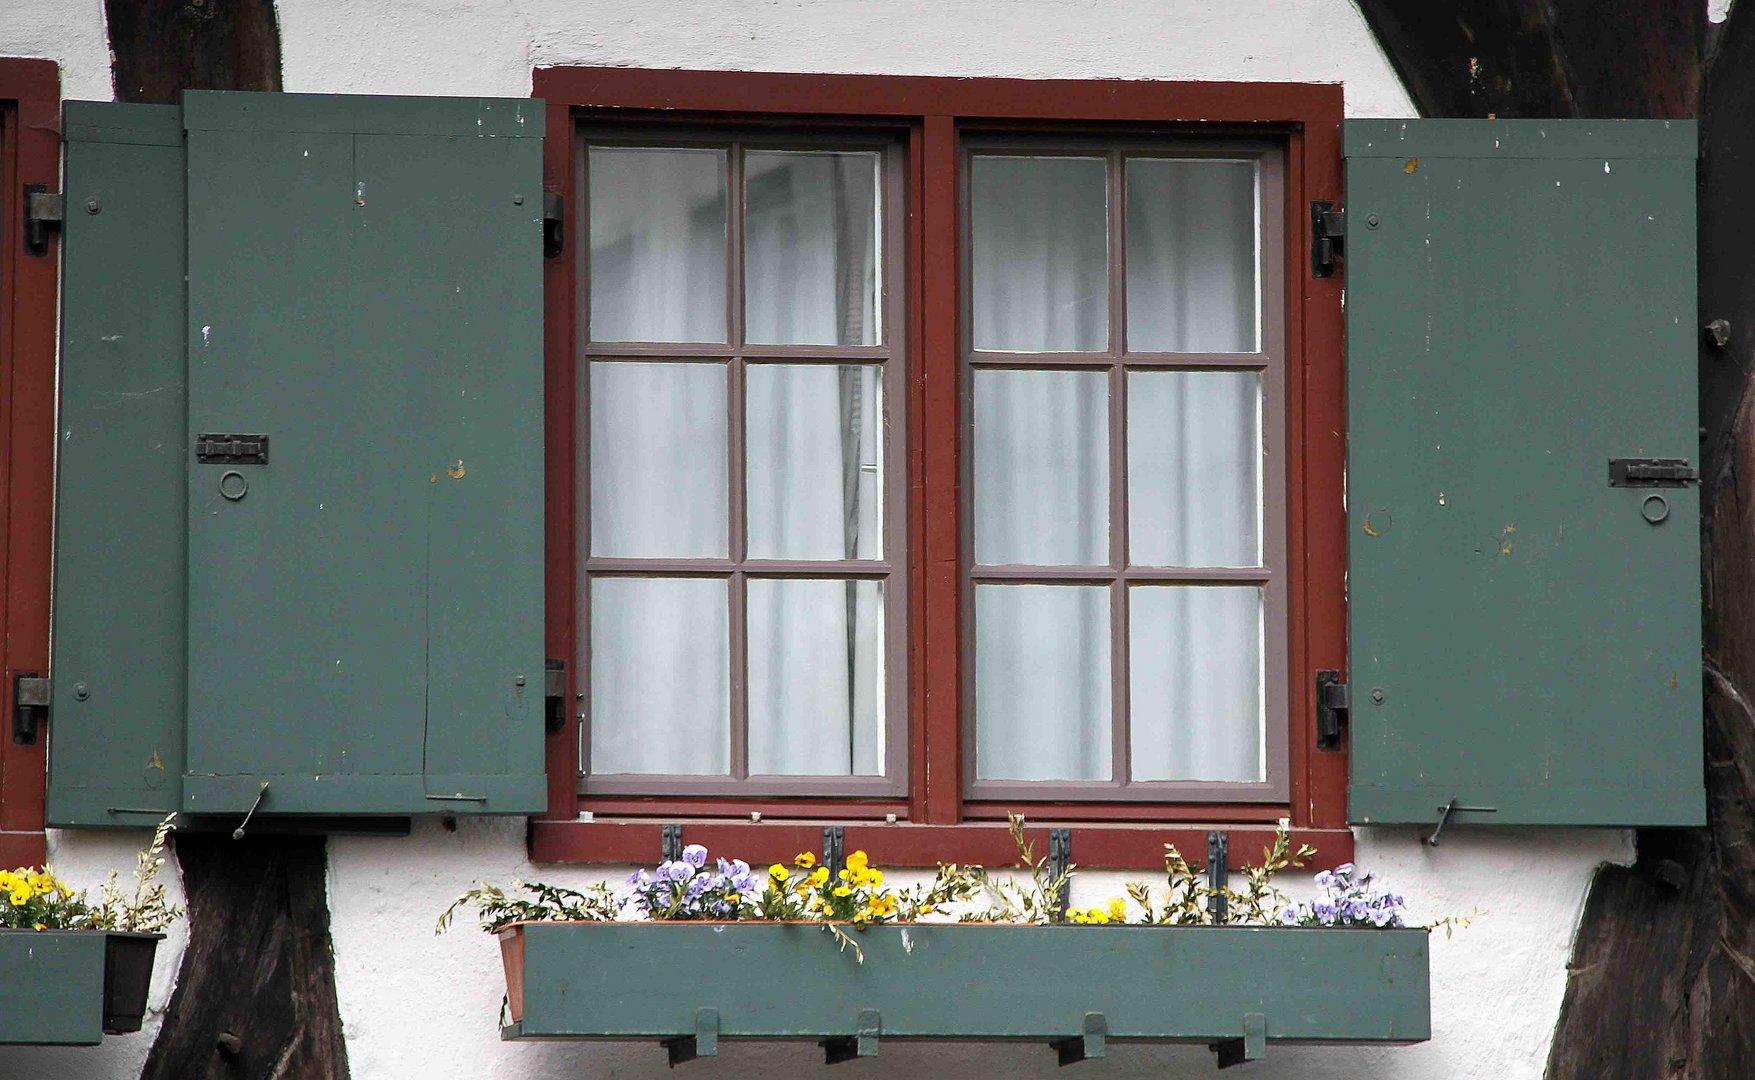 Fenster vom Schiefen Haus in Ulm